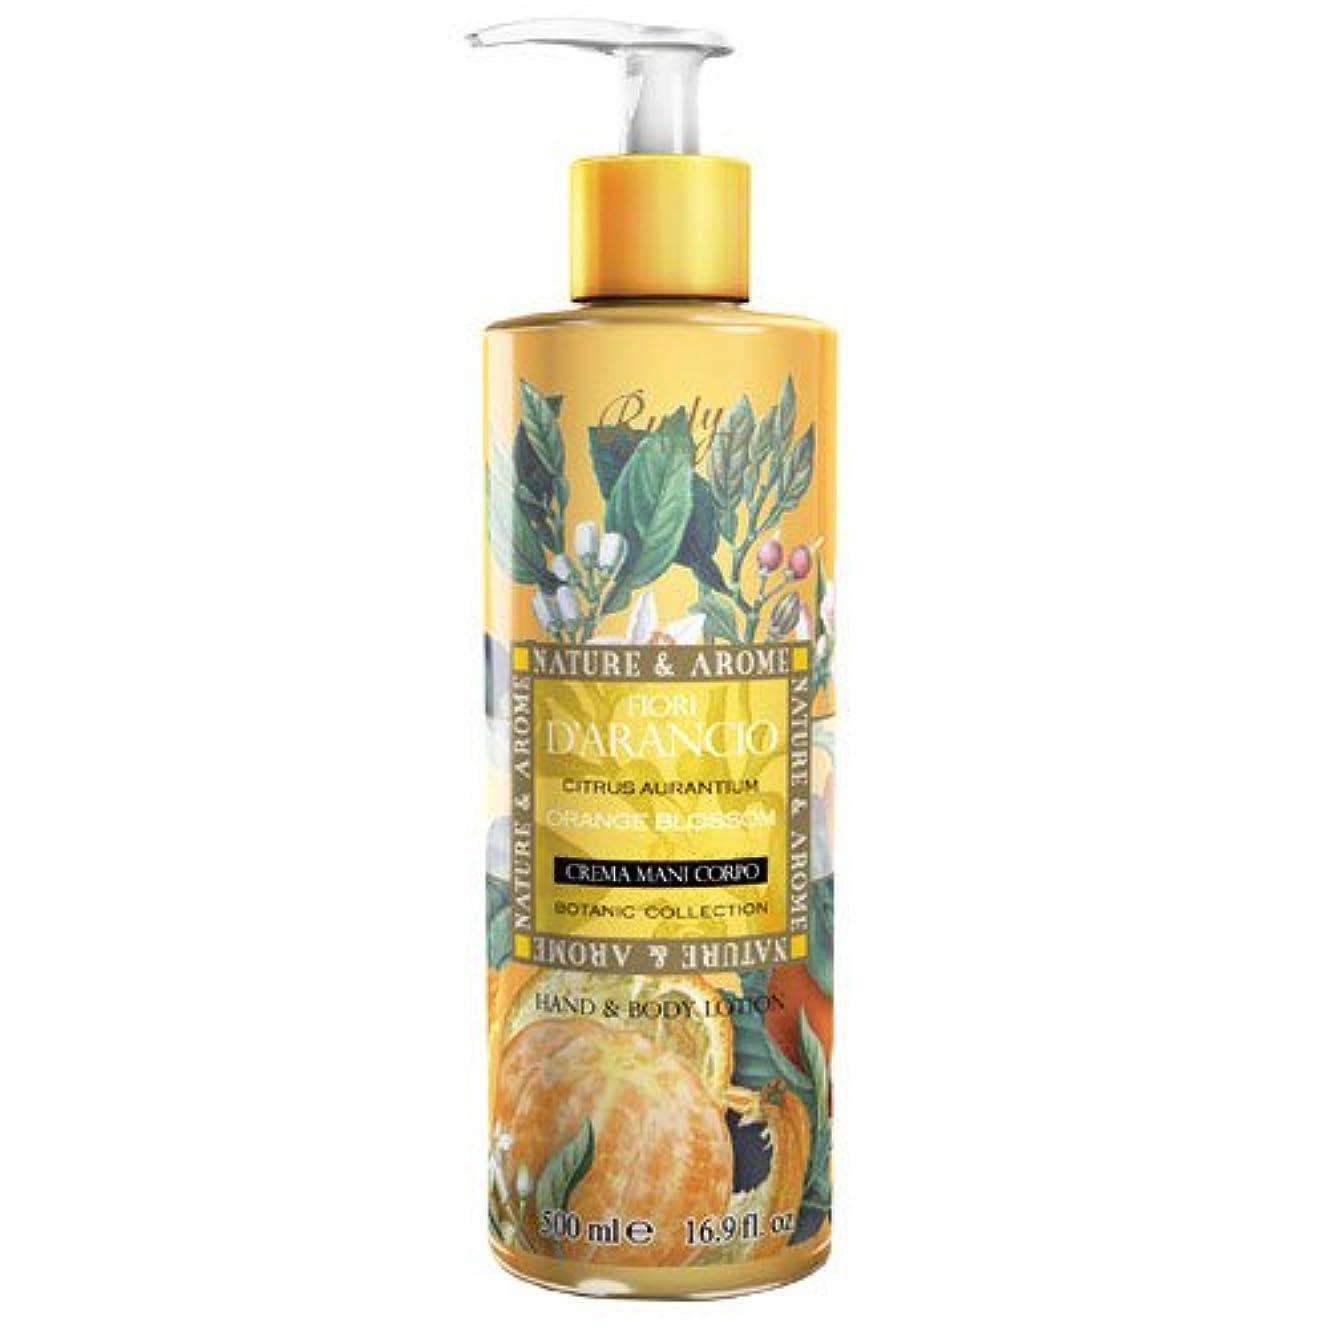 バー深いタンパク質RUDY Nature&Arome SERIES ルディ ナチュール&アロマ Hand&Body lotion ハンド&ボディローション オレンジブロッサム